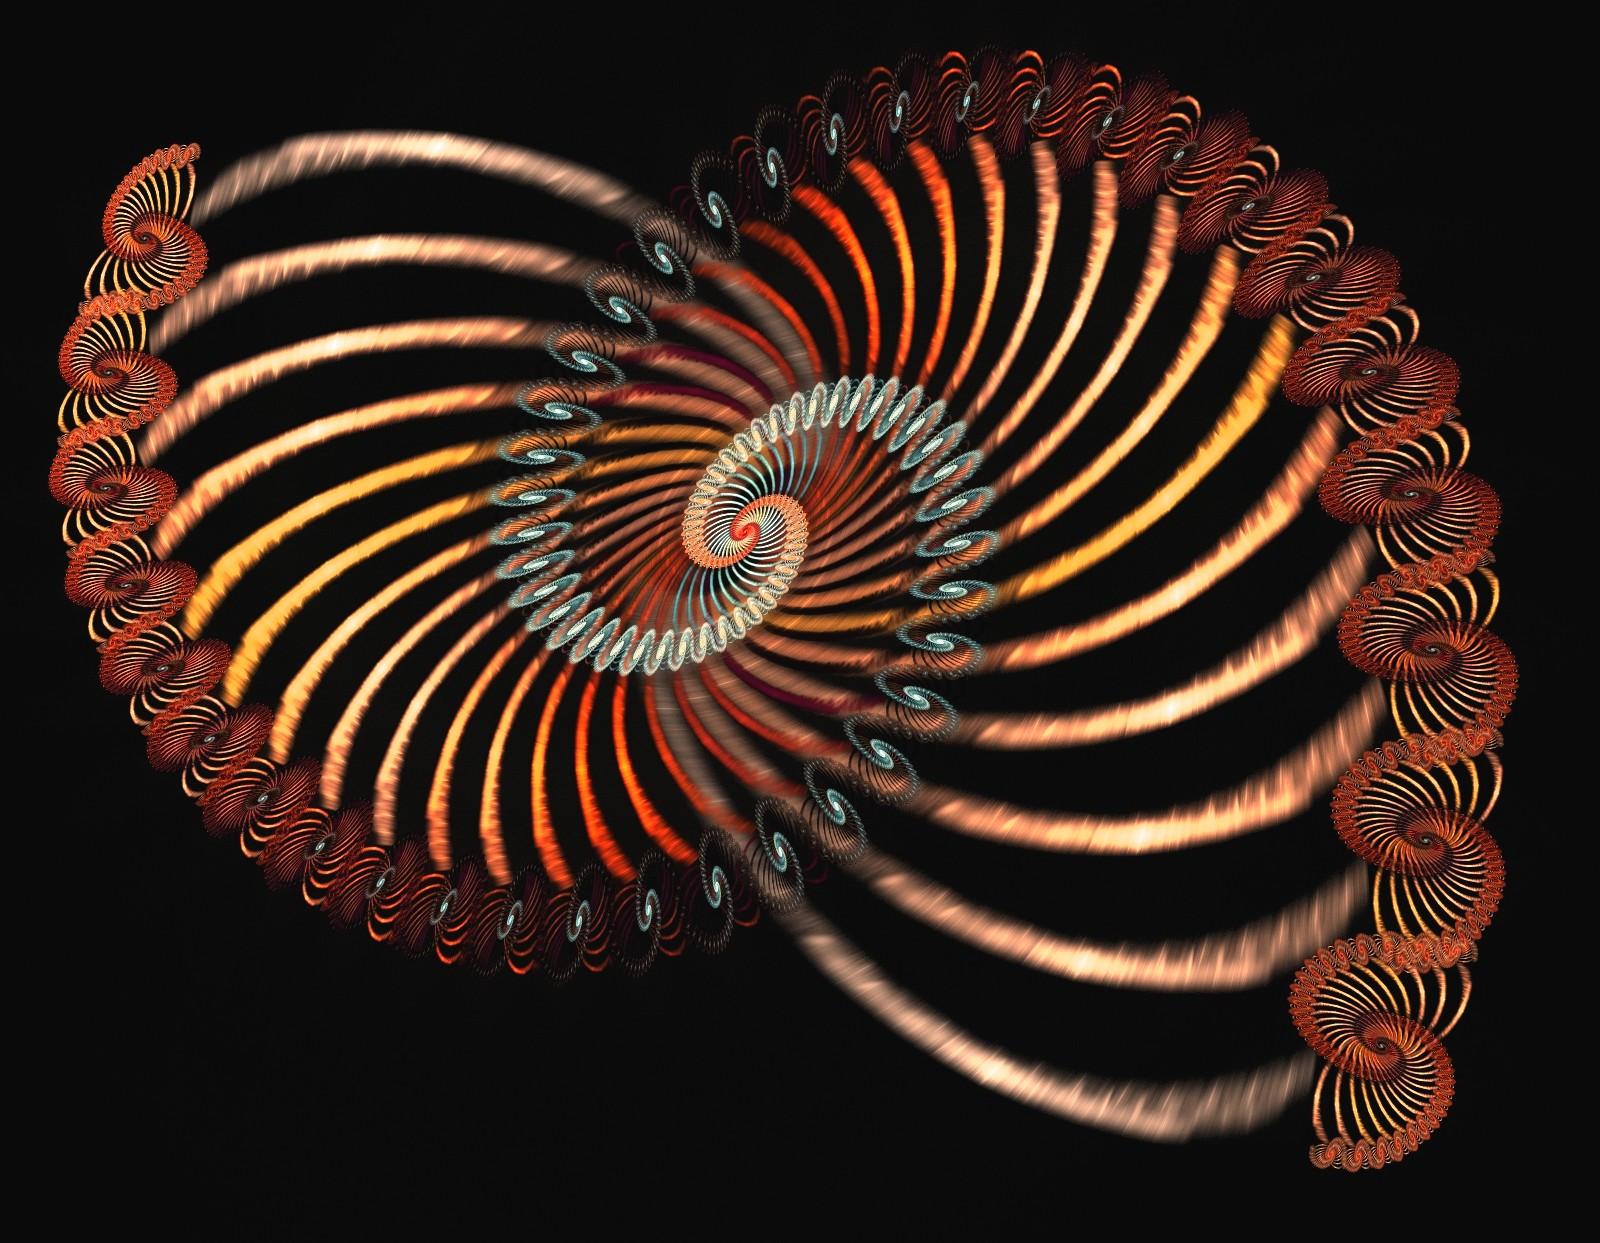 spiralized spiral